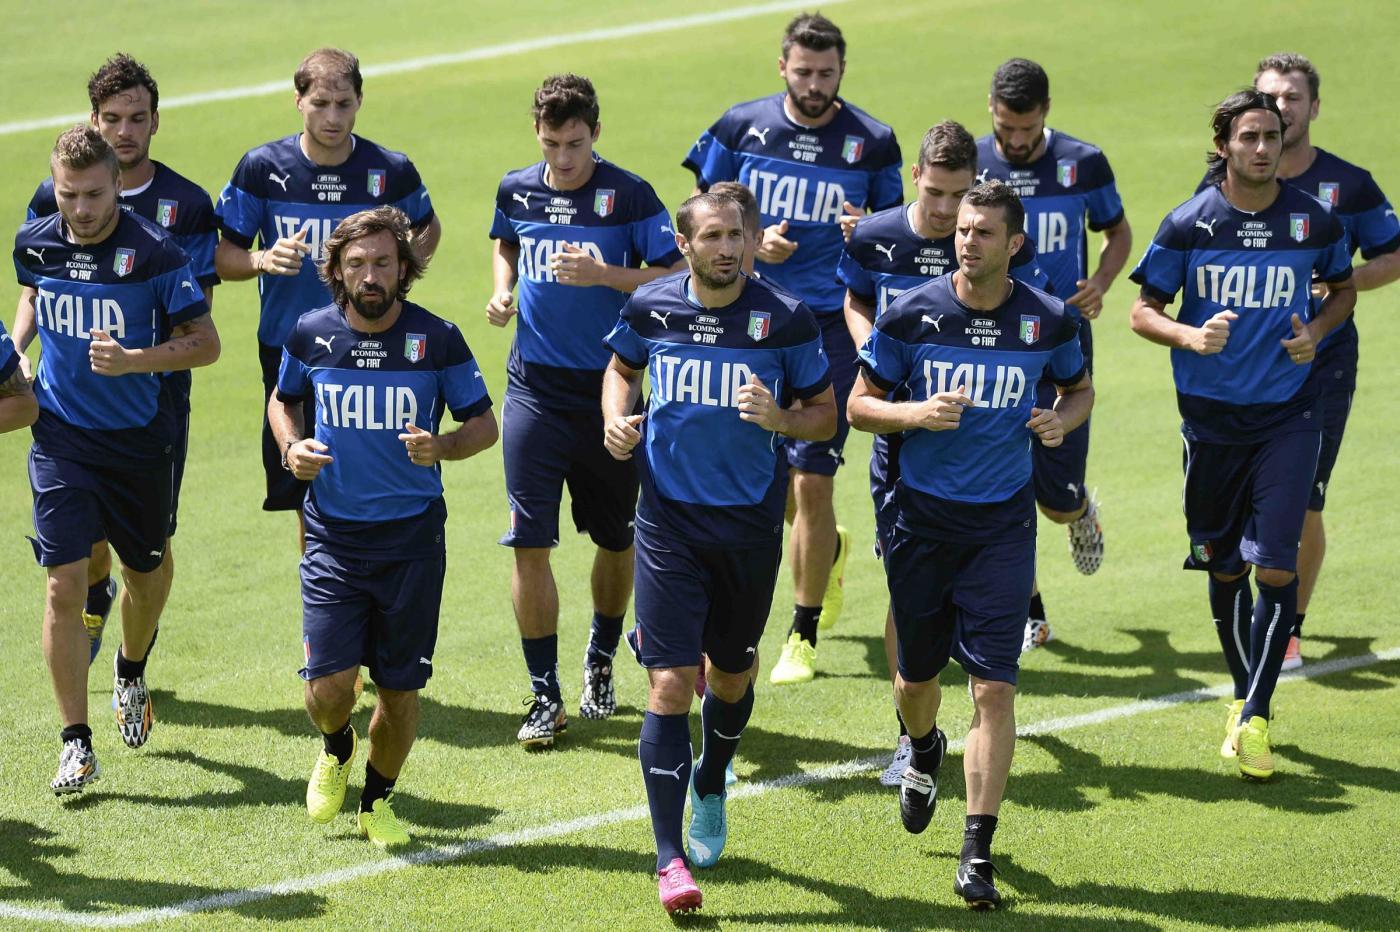 Mondiali 2014: Italia vs Uruguay, precedenti e quote